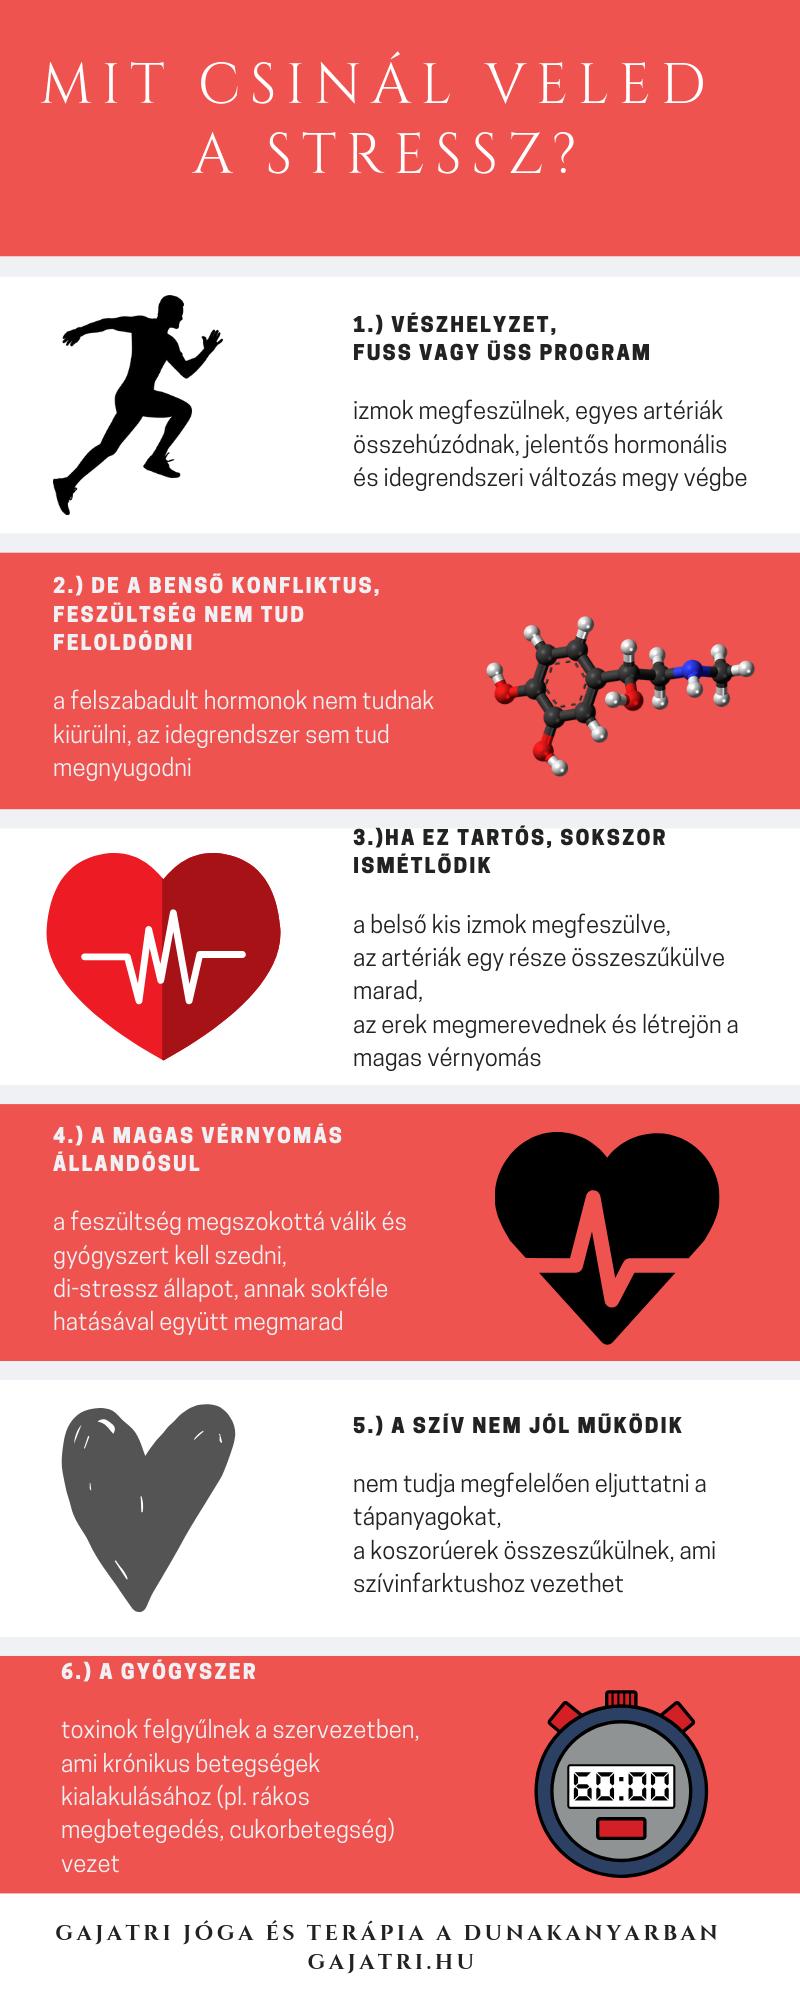 pom a magas vérnyomás ellen